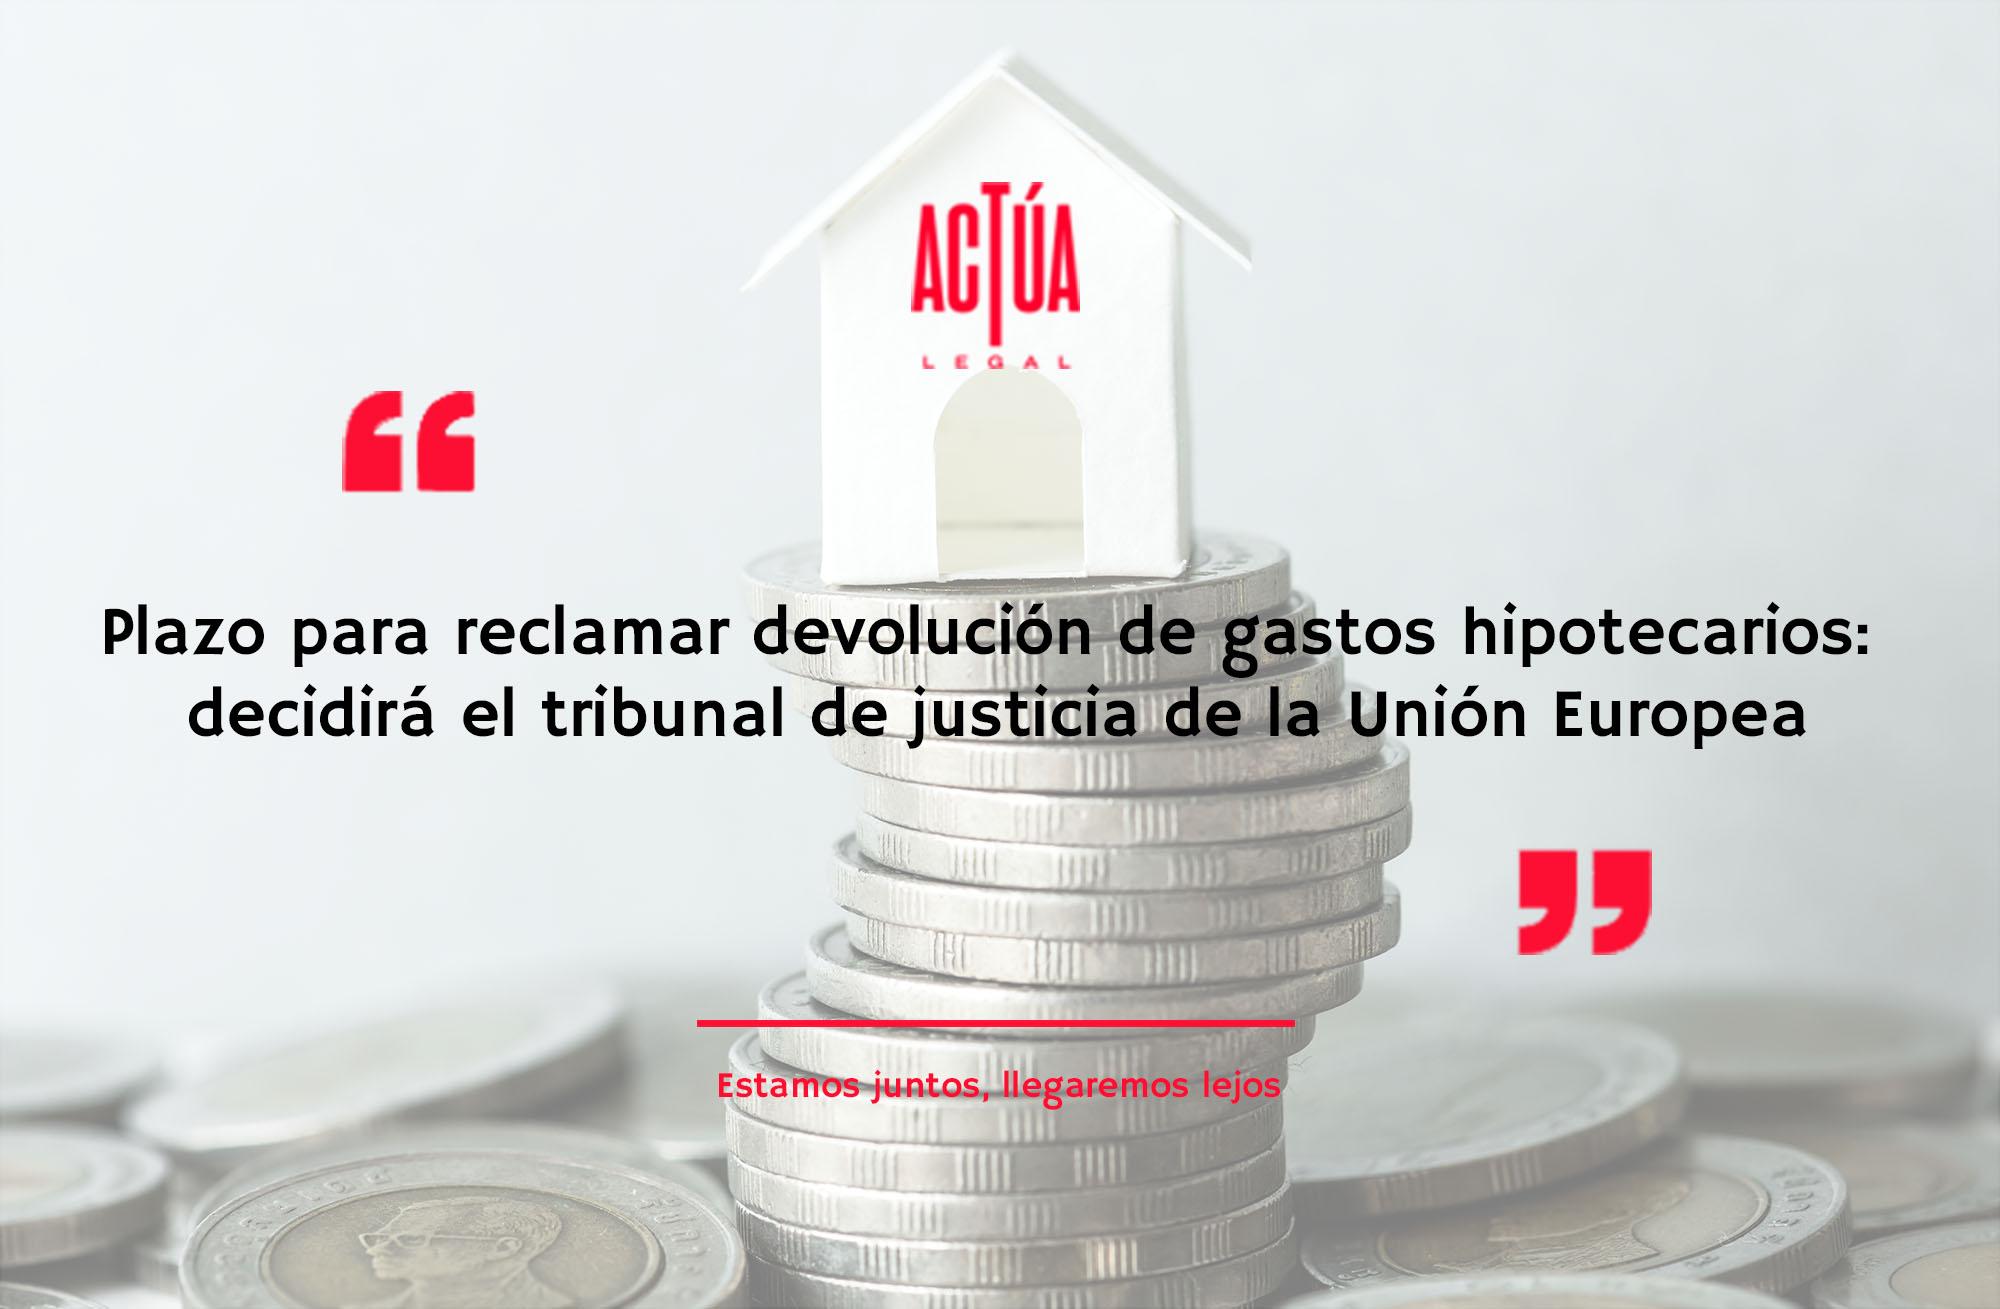 Plazo para reclamar devolución de gastos hipotecarios: decidirá el tribunal de justicia de la Unión Europea